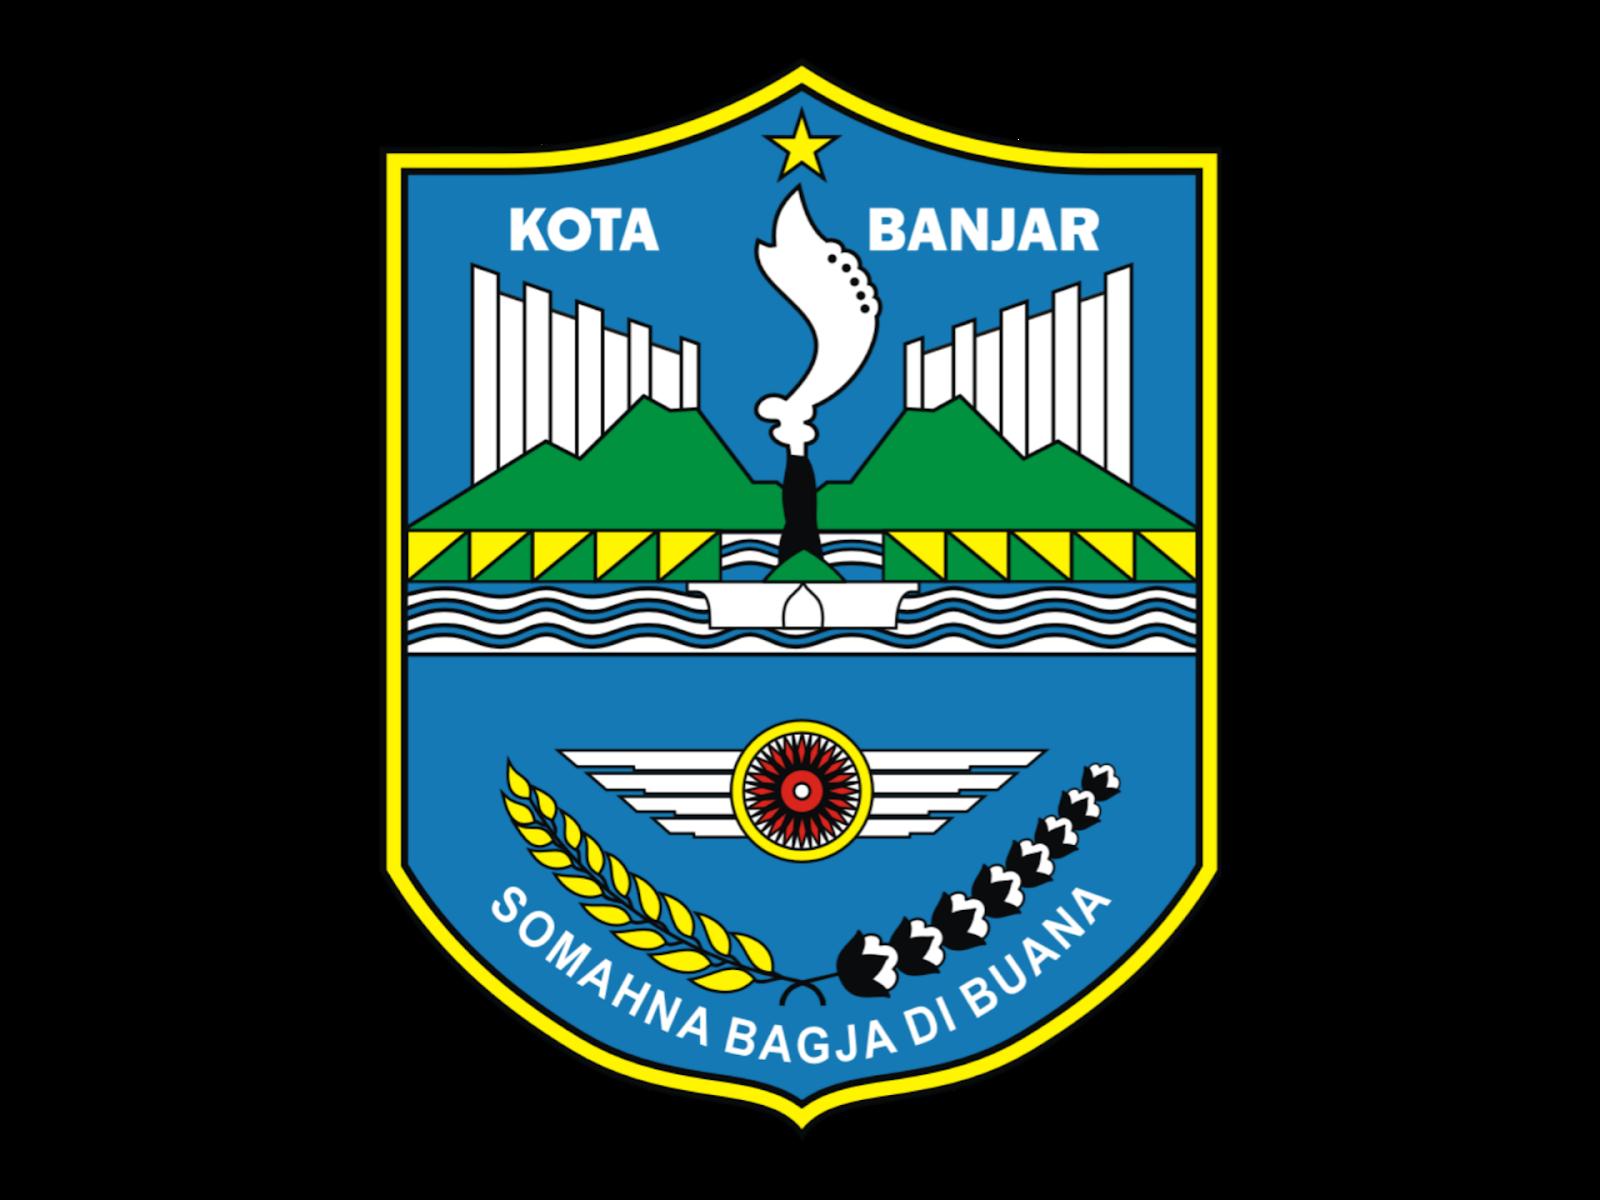 Logo Kota Banjar Format PNG